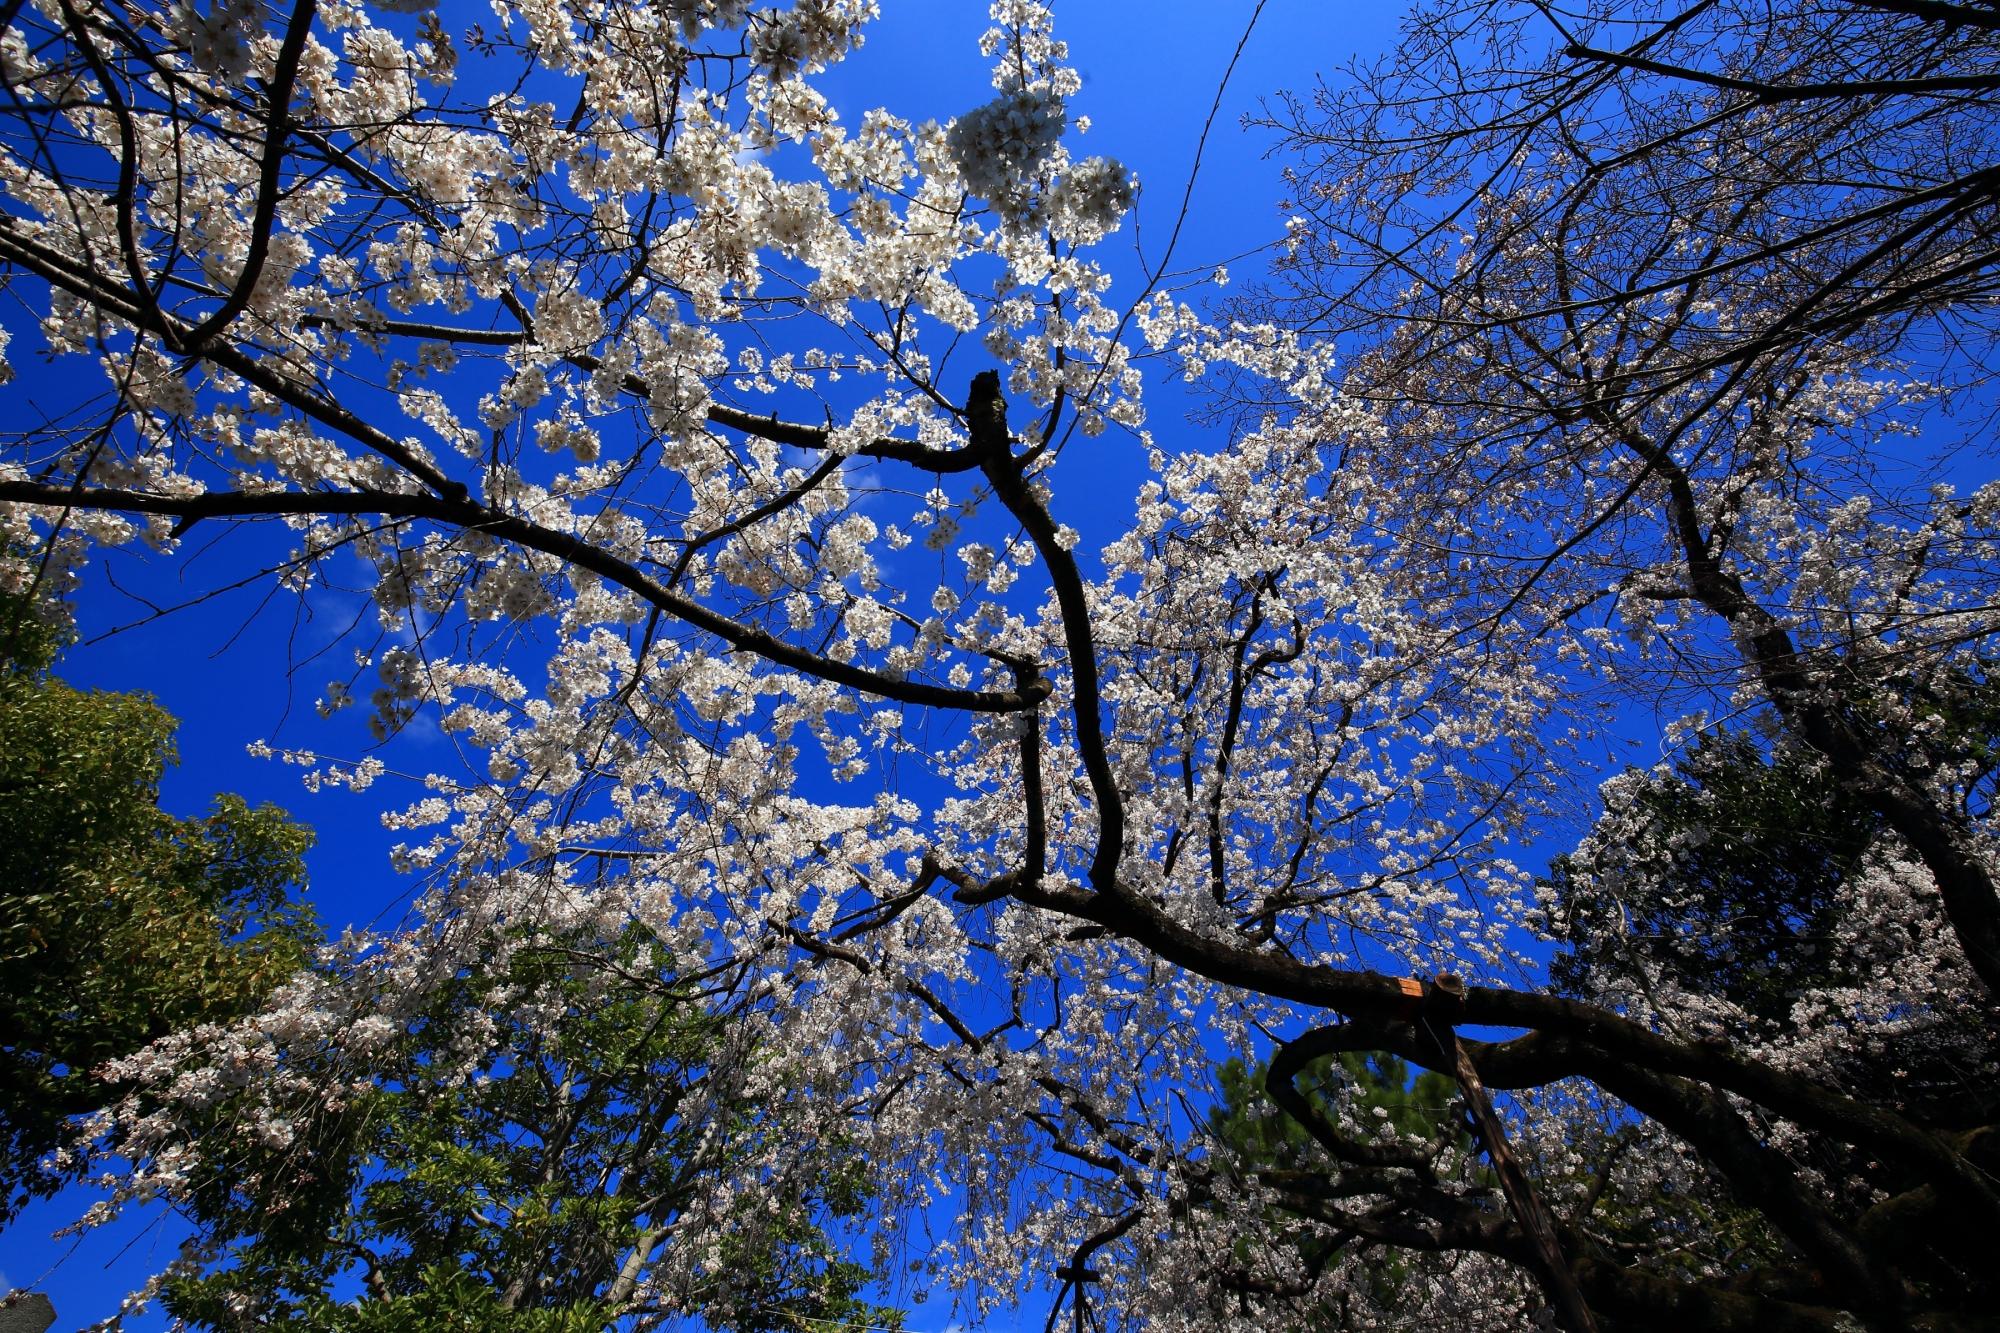 青空に映える渓仙桜の真っ白な花